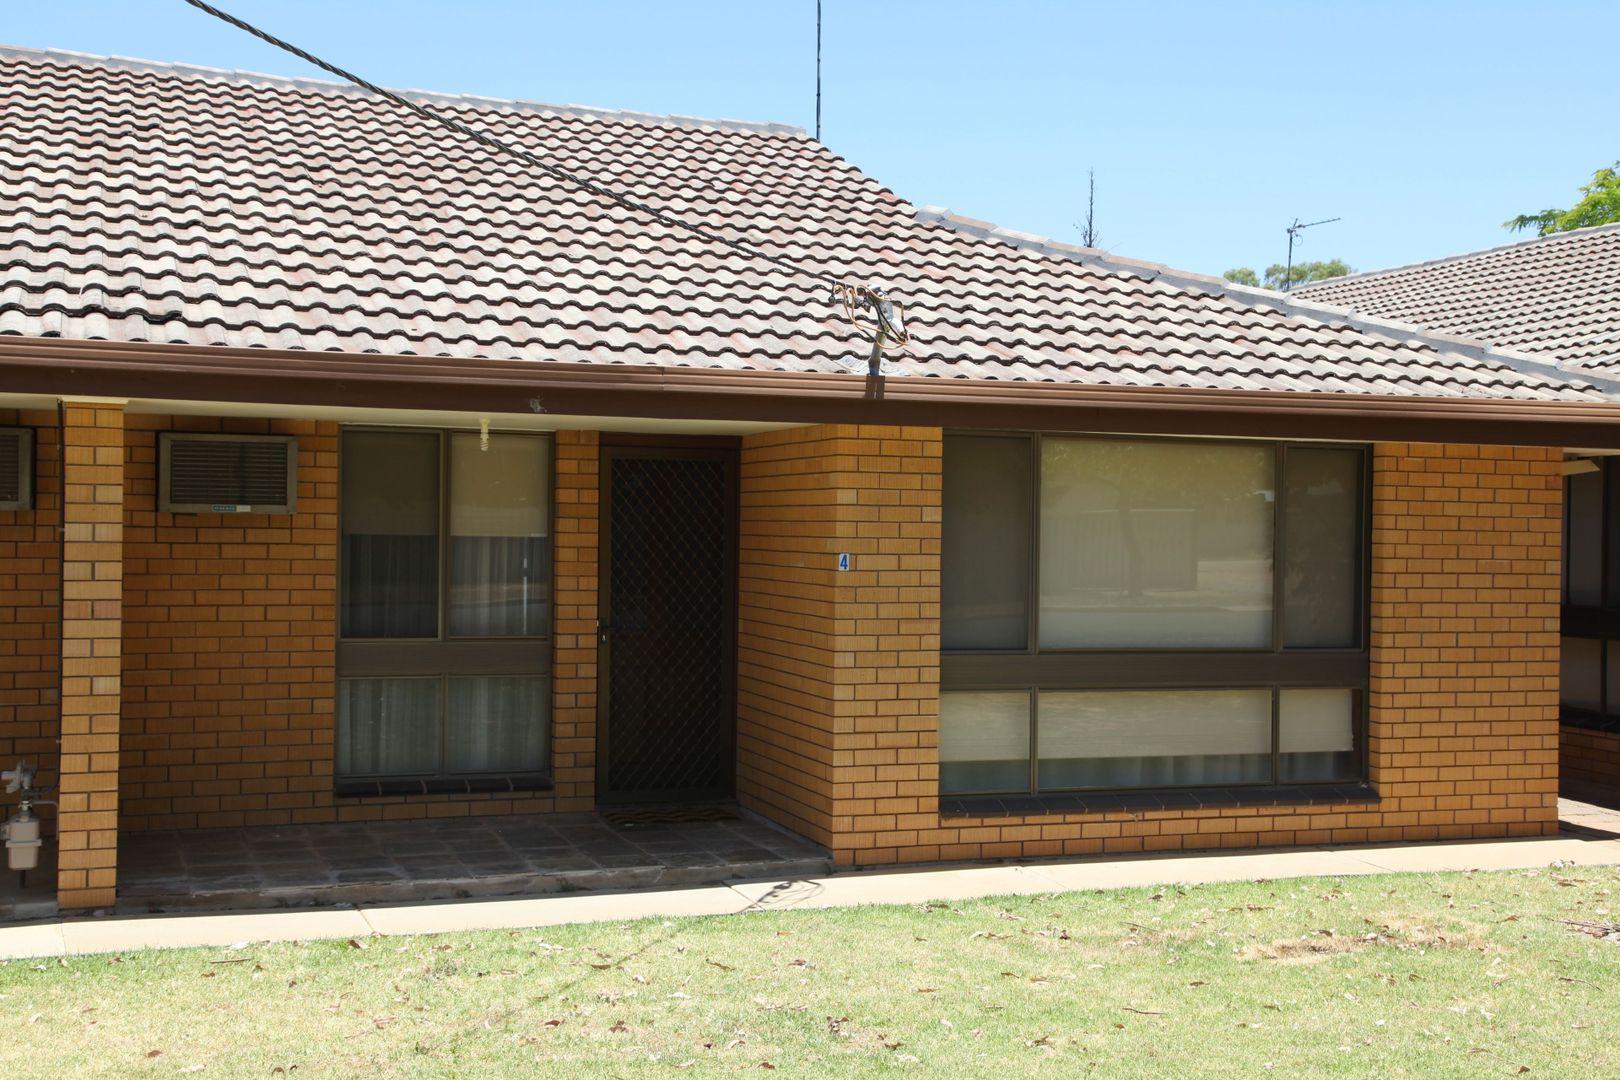 4/66 Inglis Street, Wagga Wagga NSW 2650, Image 0